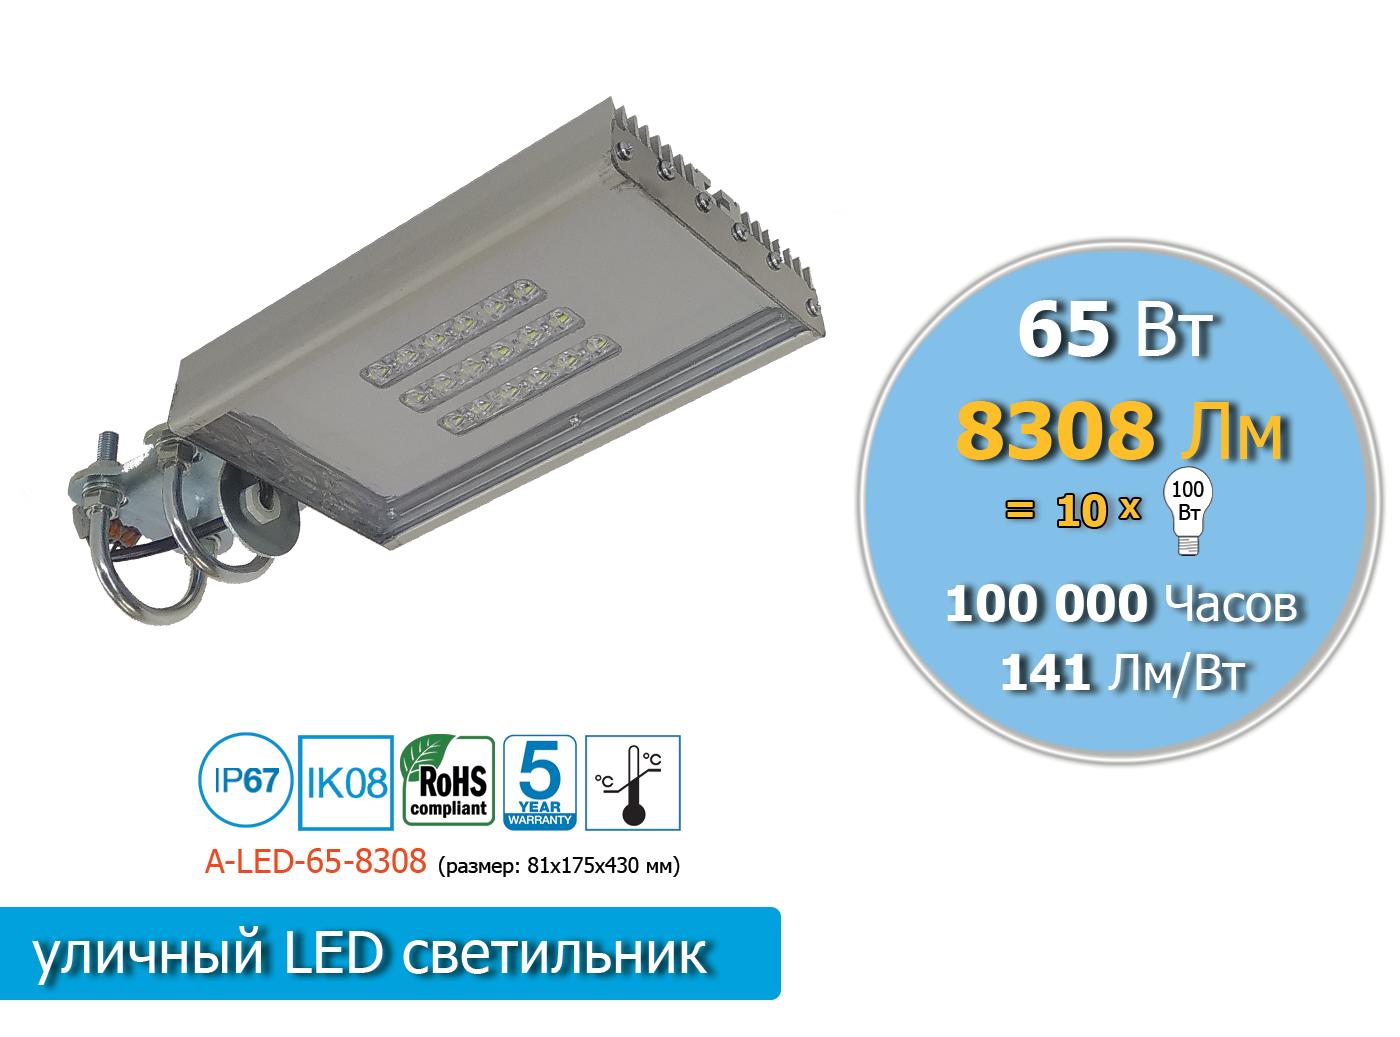 A-LED-65-8308-S